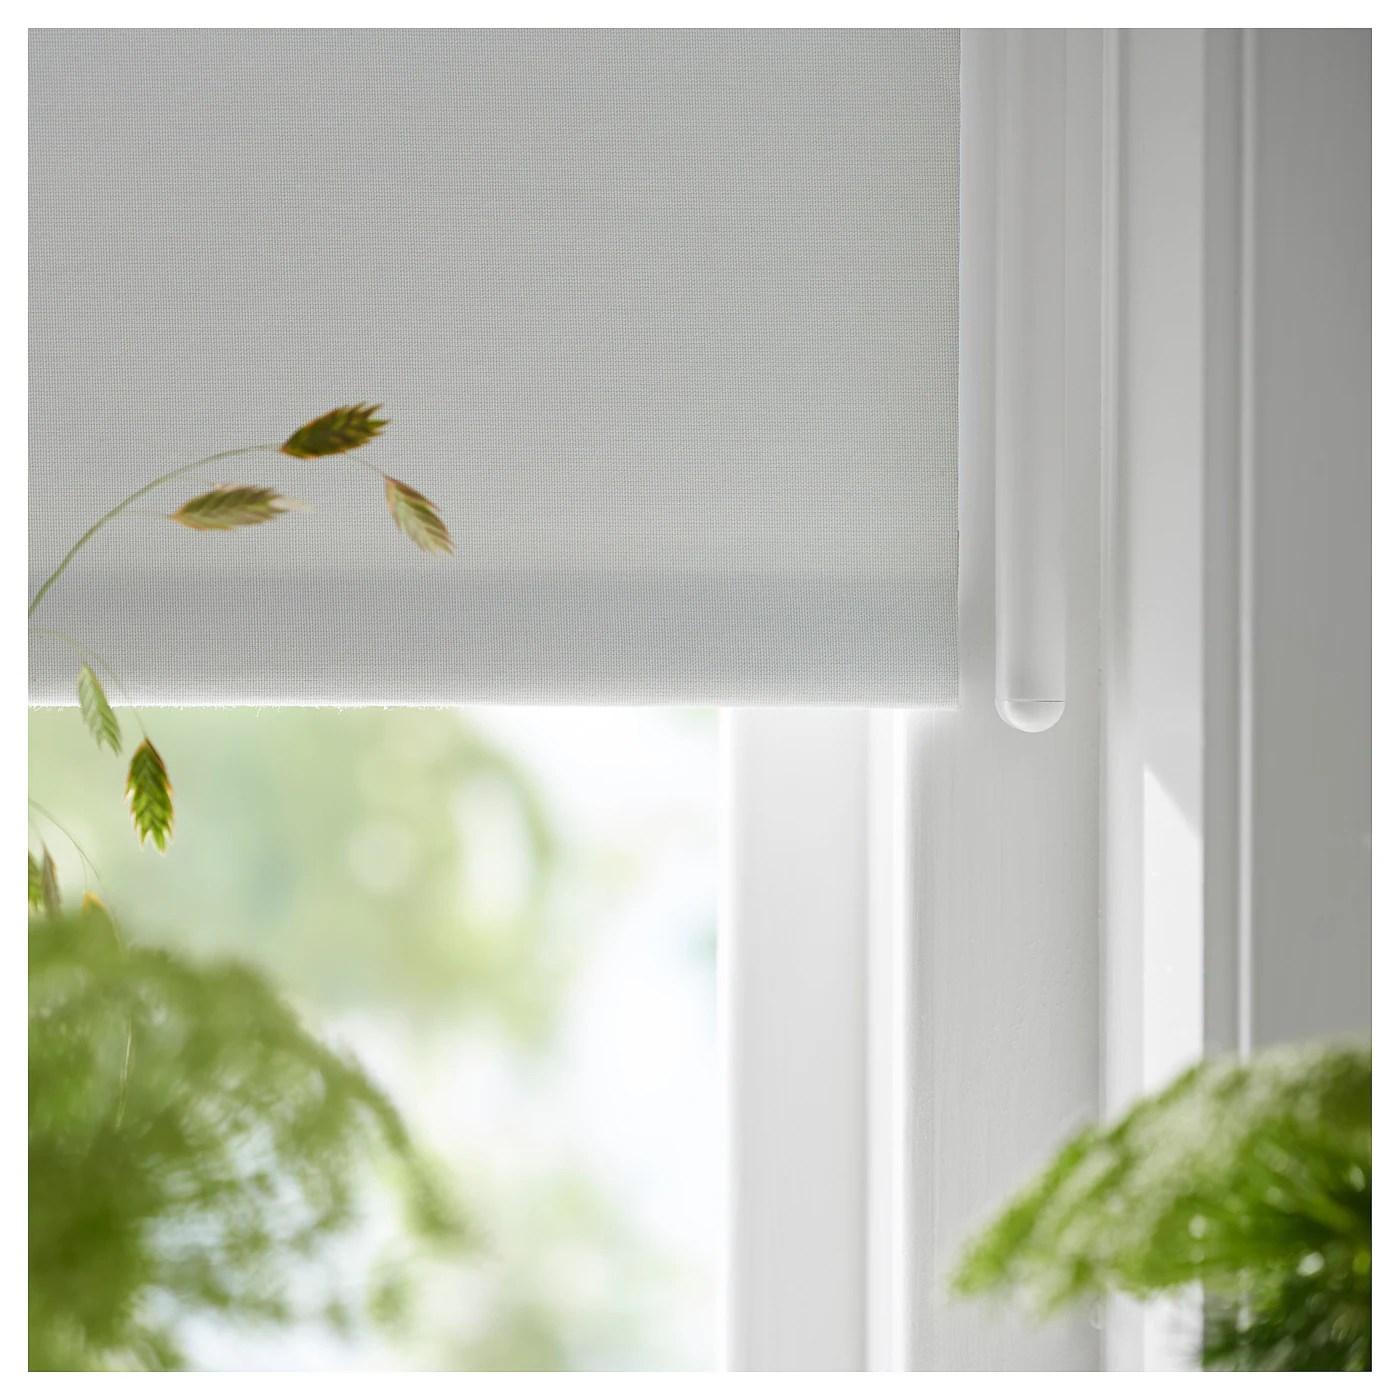 Visita il nostro sito e scopri i prodotti! Fridans Tenda A Rullo Oscurante Bianco 200x195 Cm Ikea Svizzera